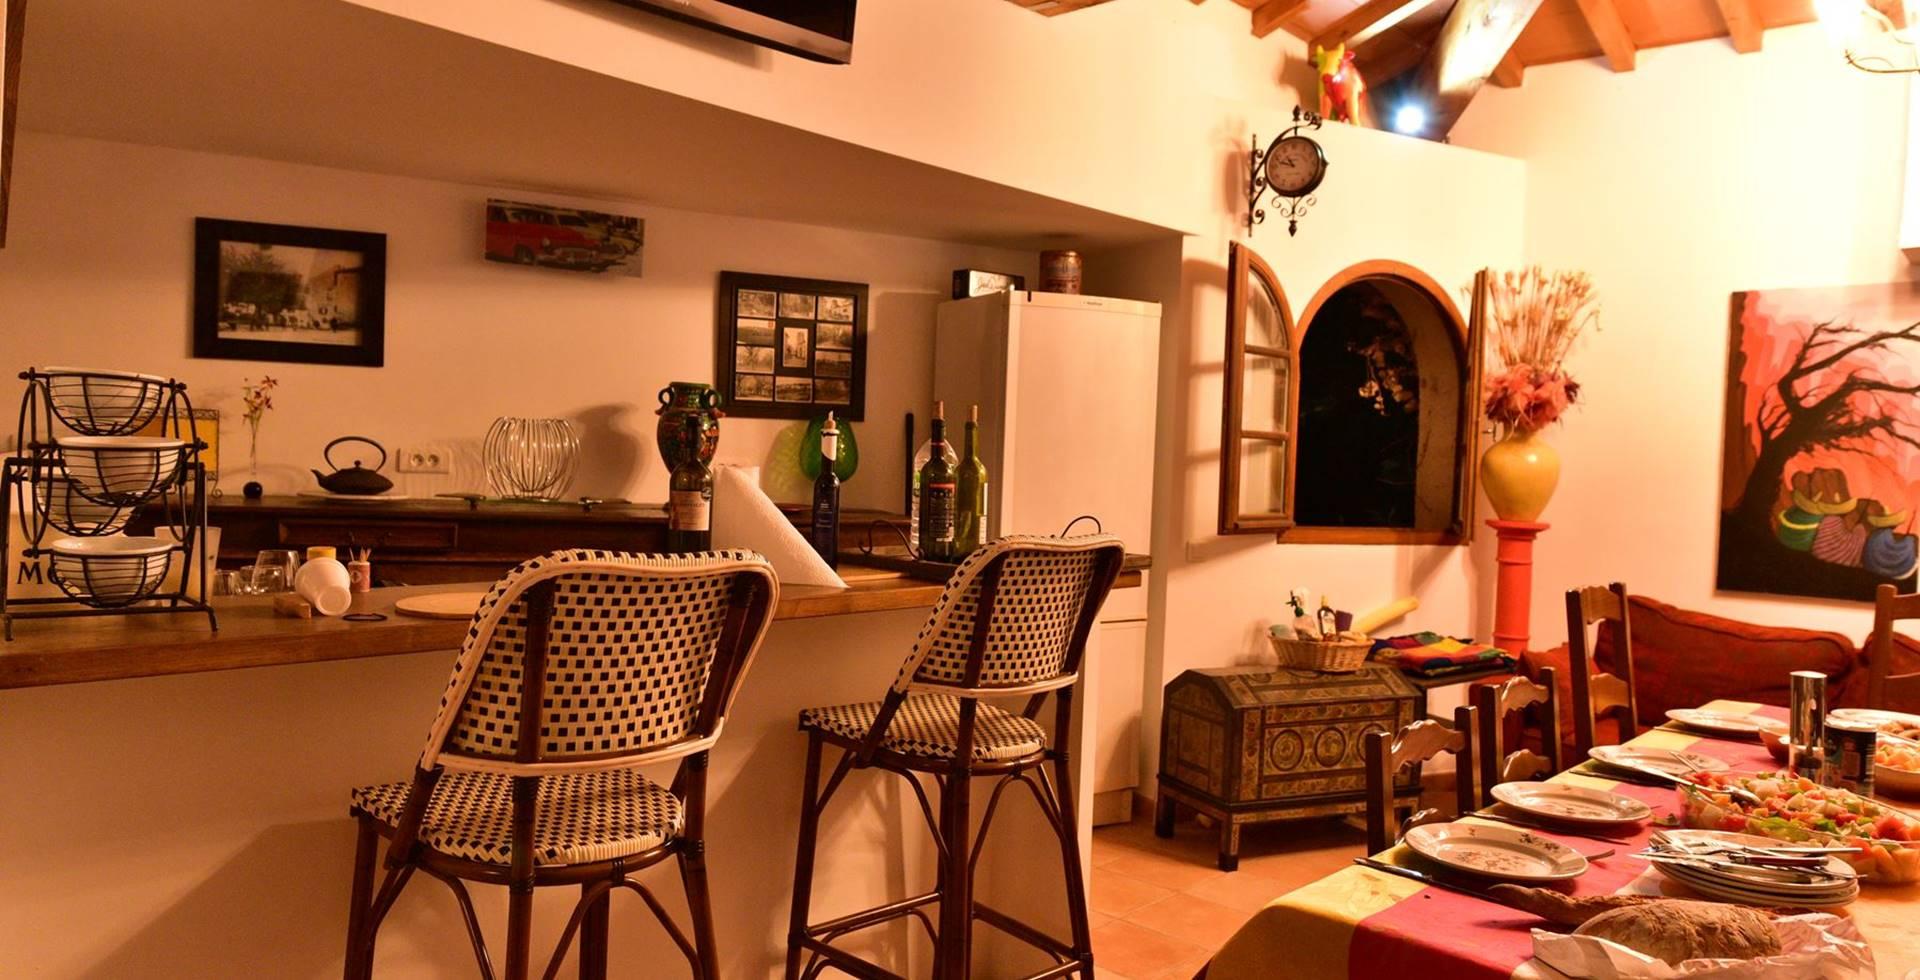 casadina-location-gites-gueshouse-insidepoolhouse-sommieres